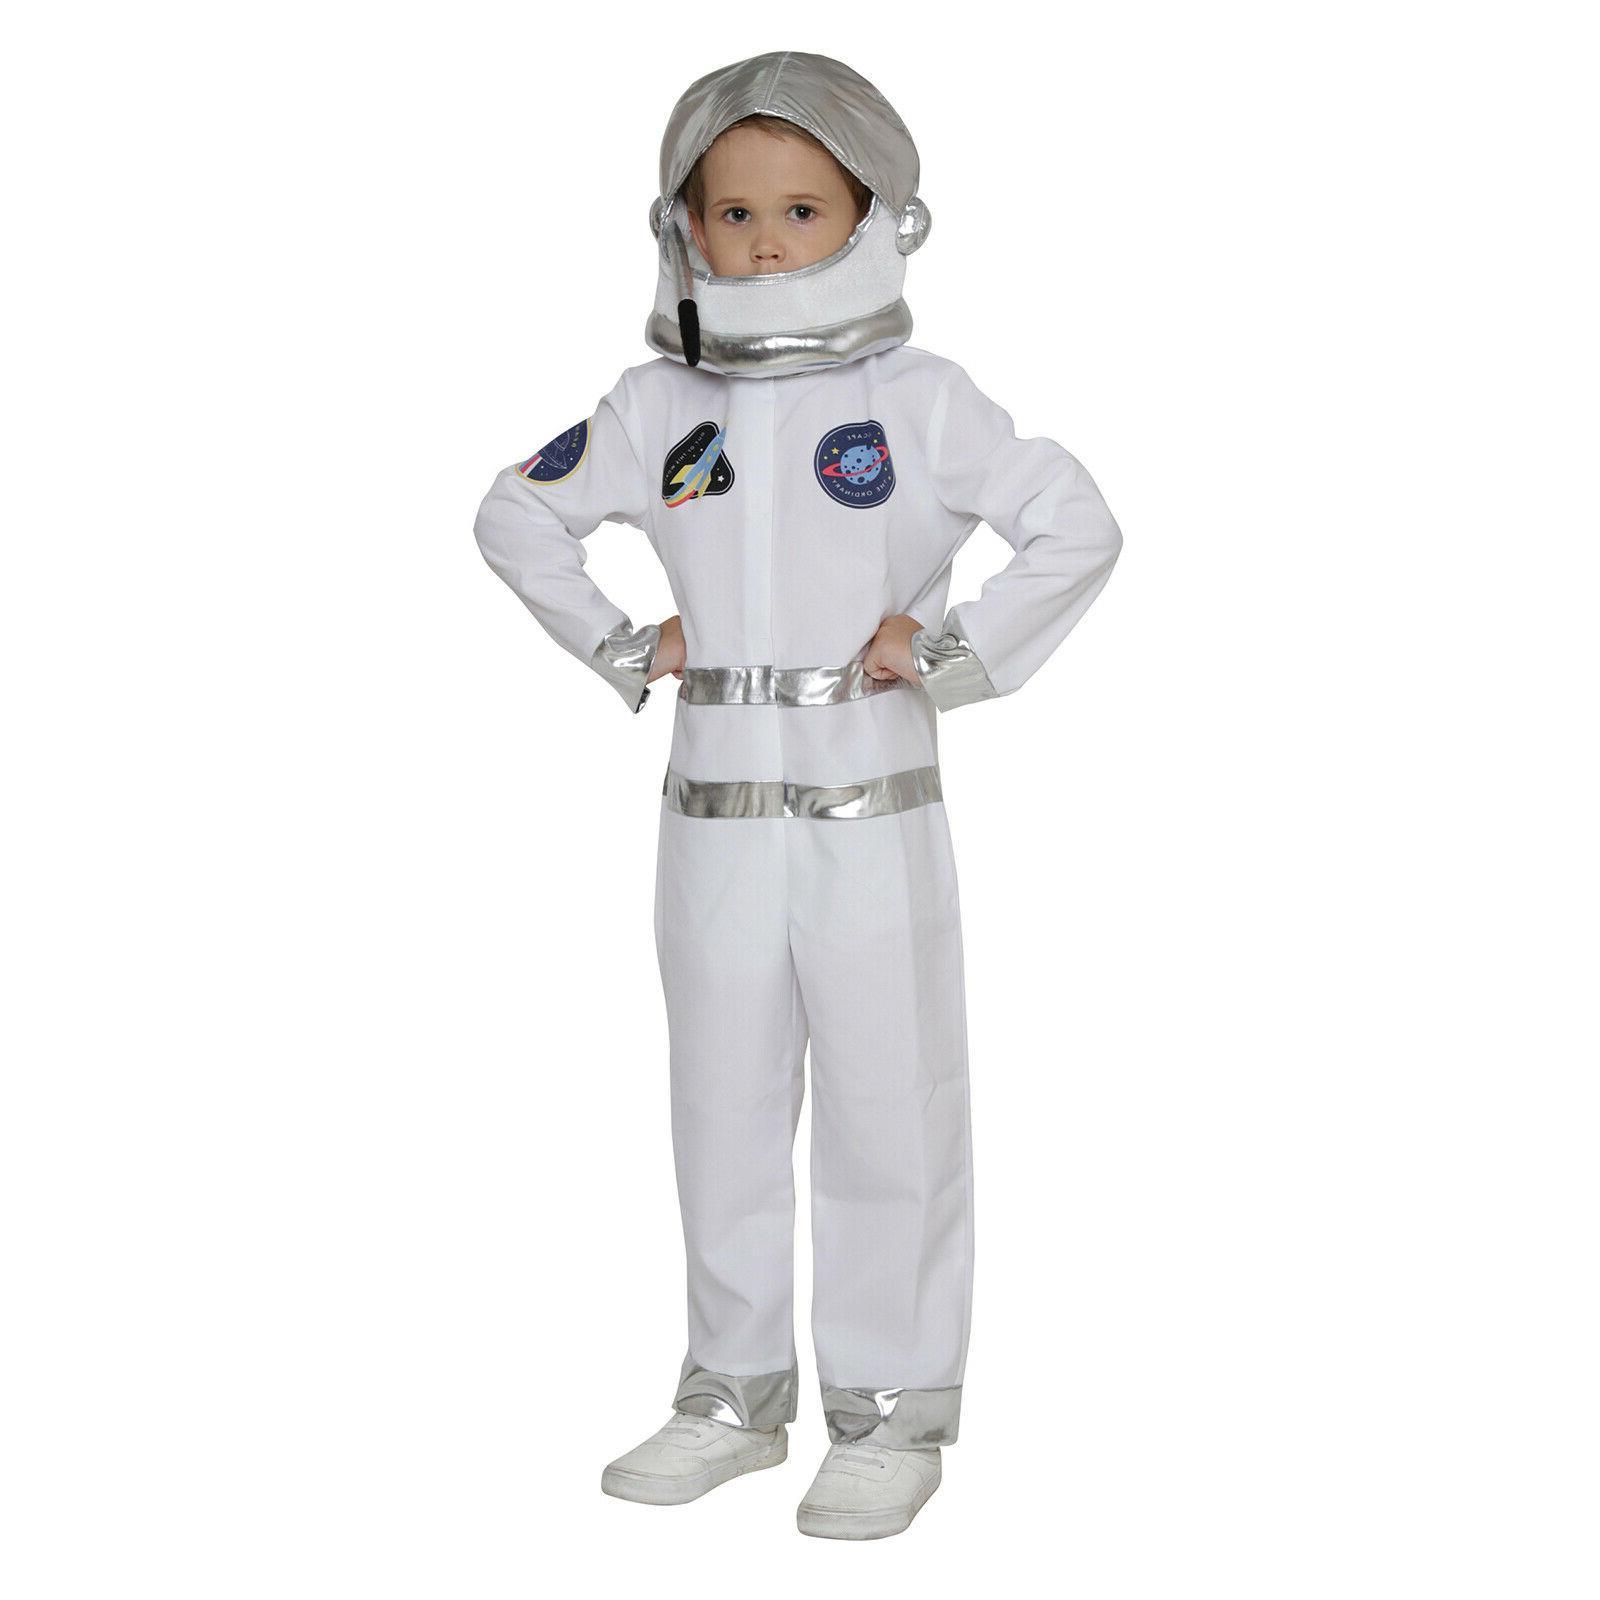 Astronaut NASA Spaceman Party